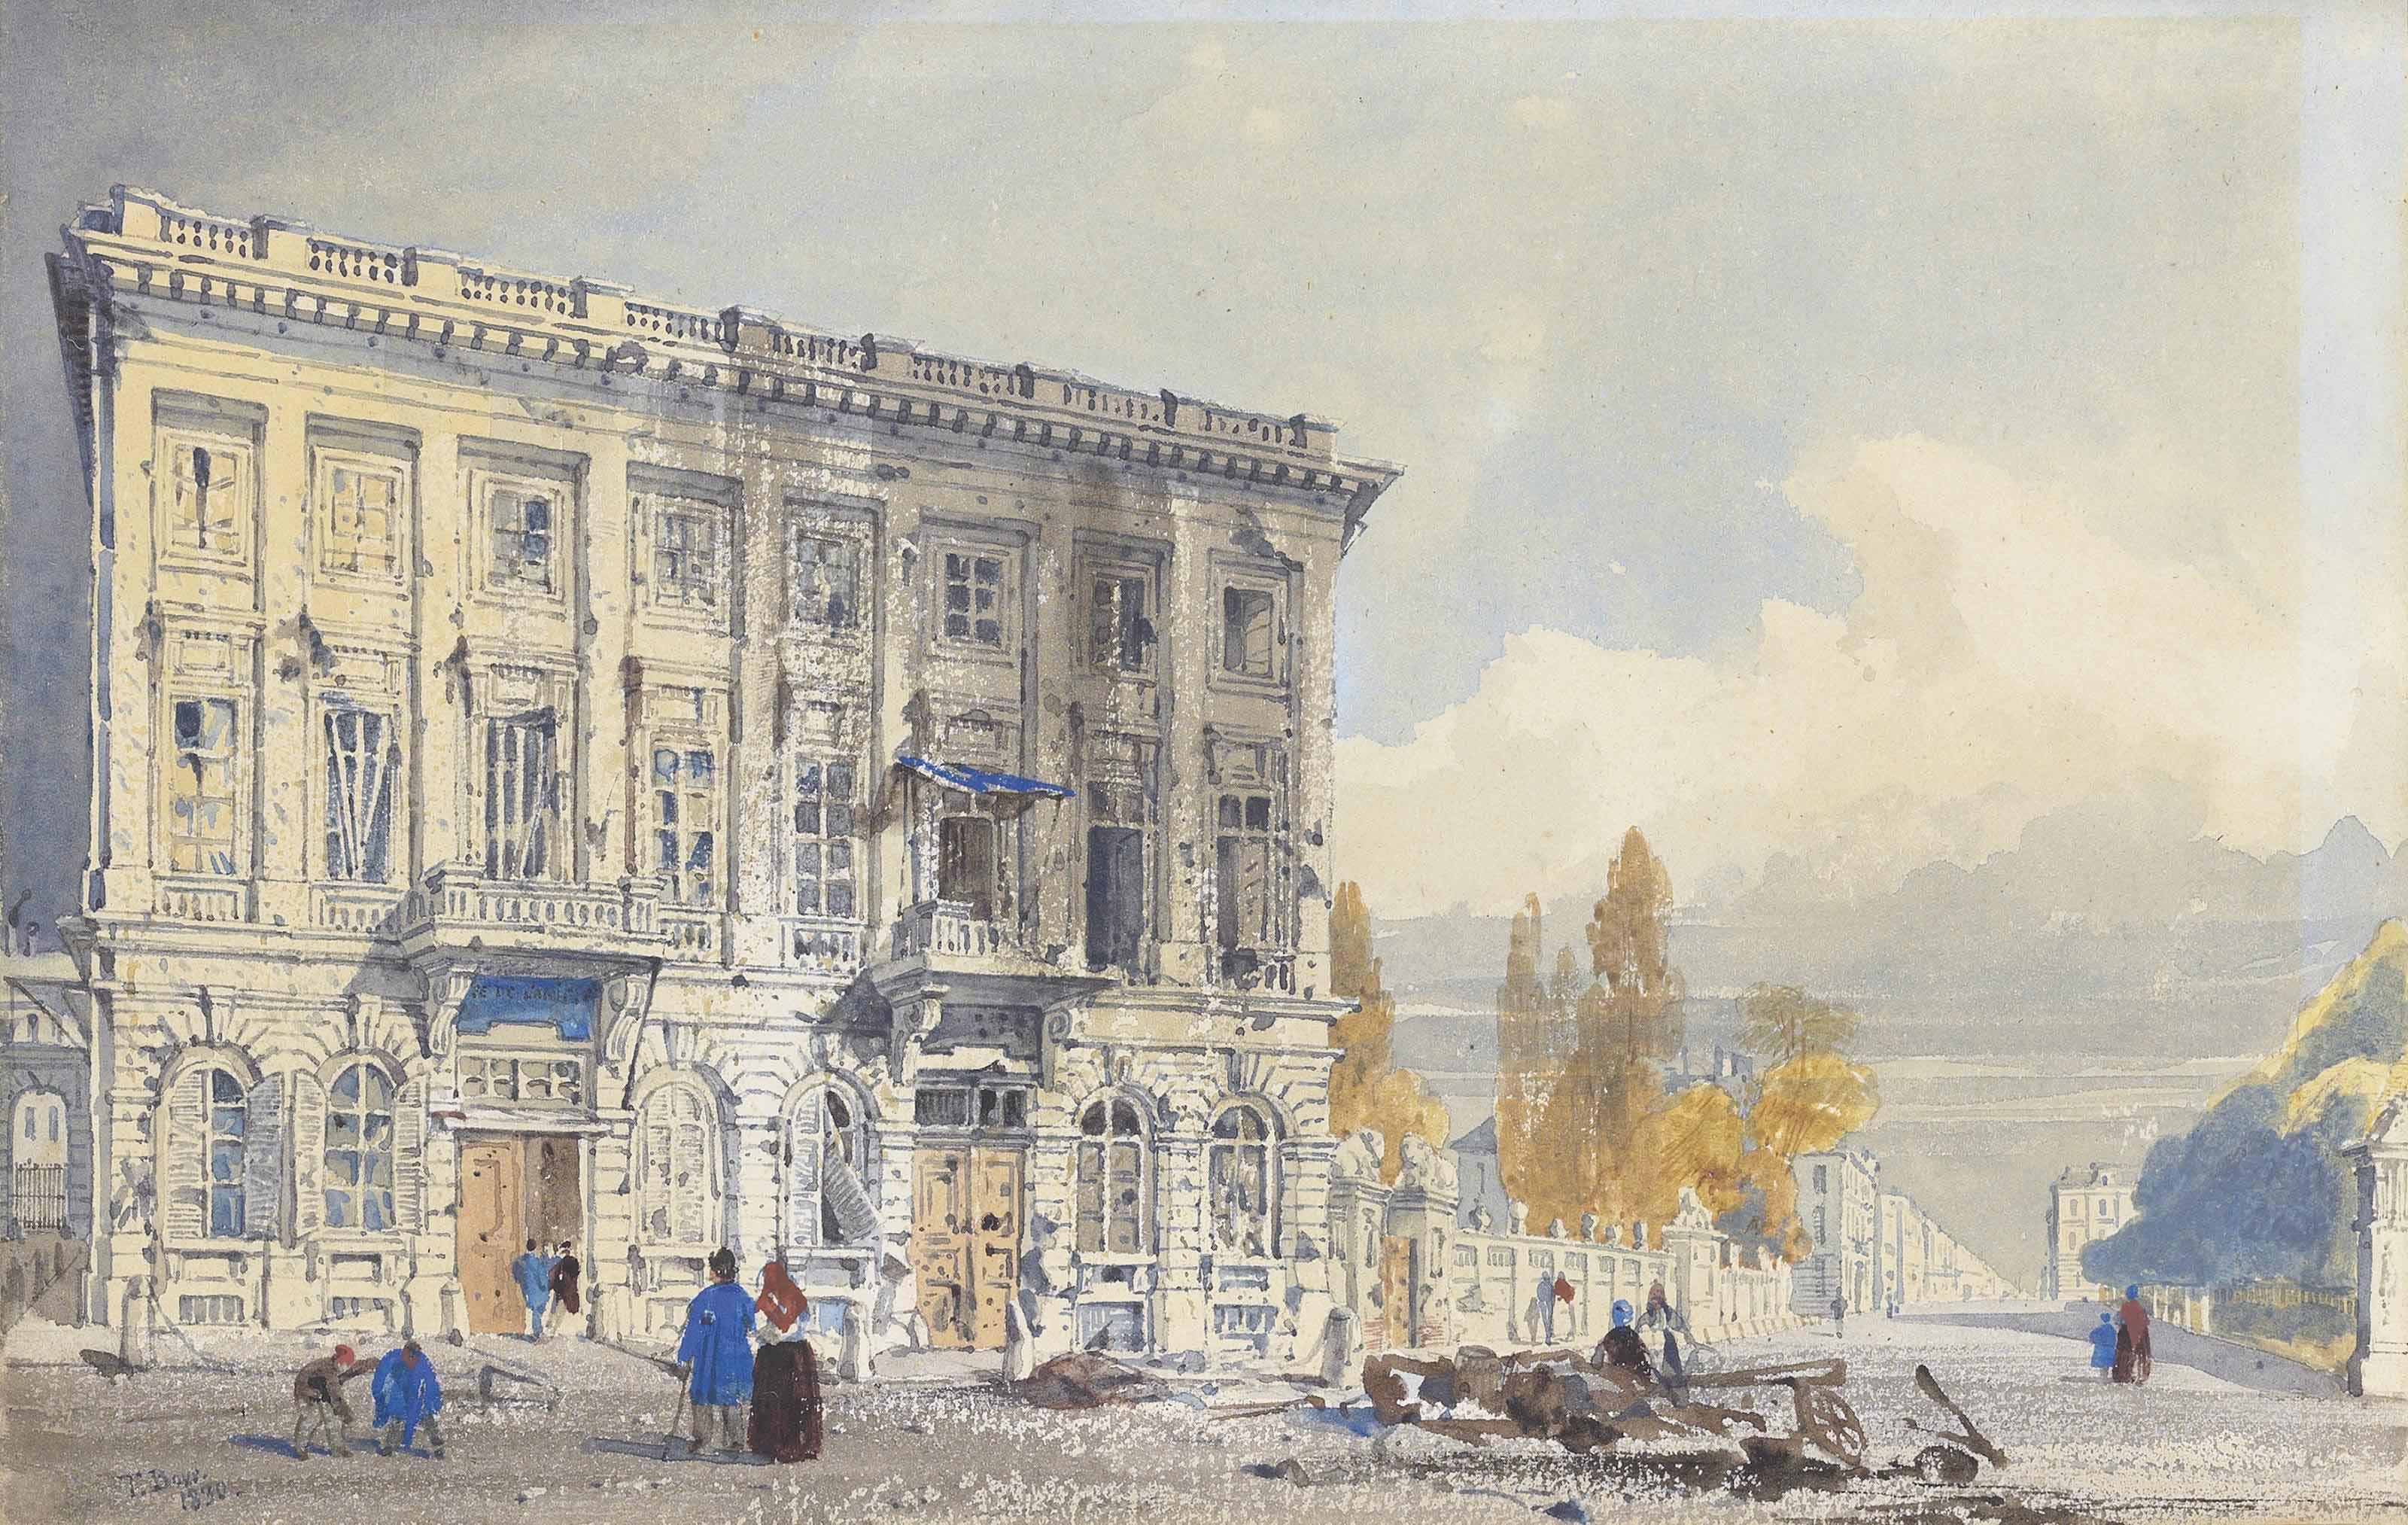 The Café de l'Amitié and l'Ancient Hôtel of Prince Frederick, Brussels